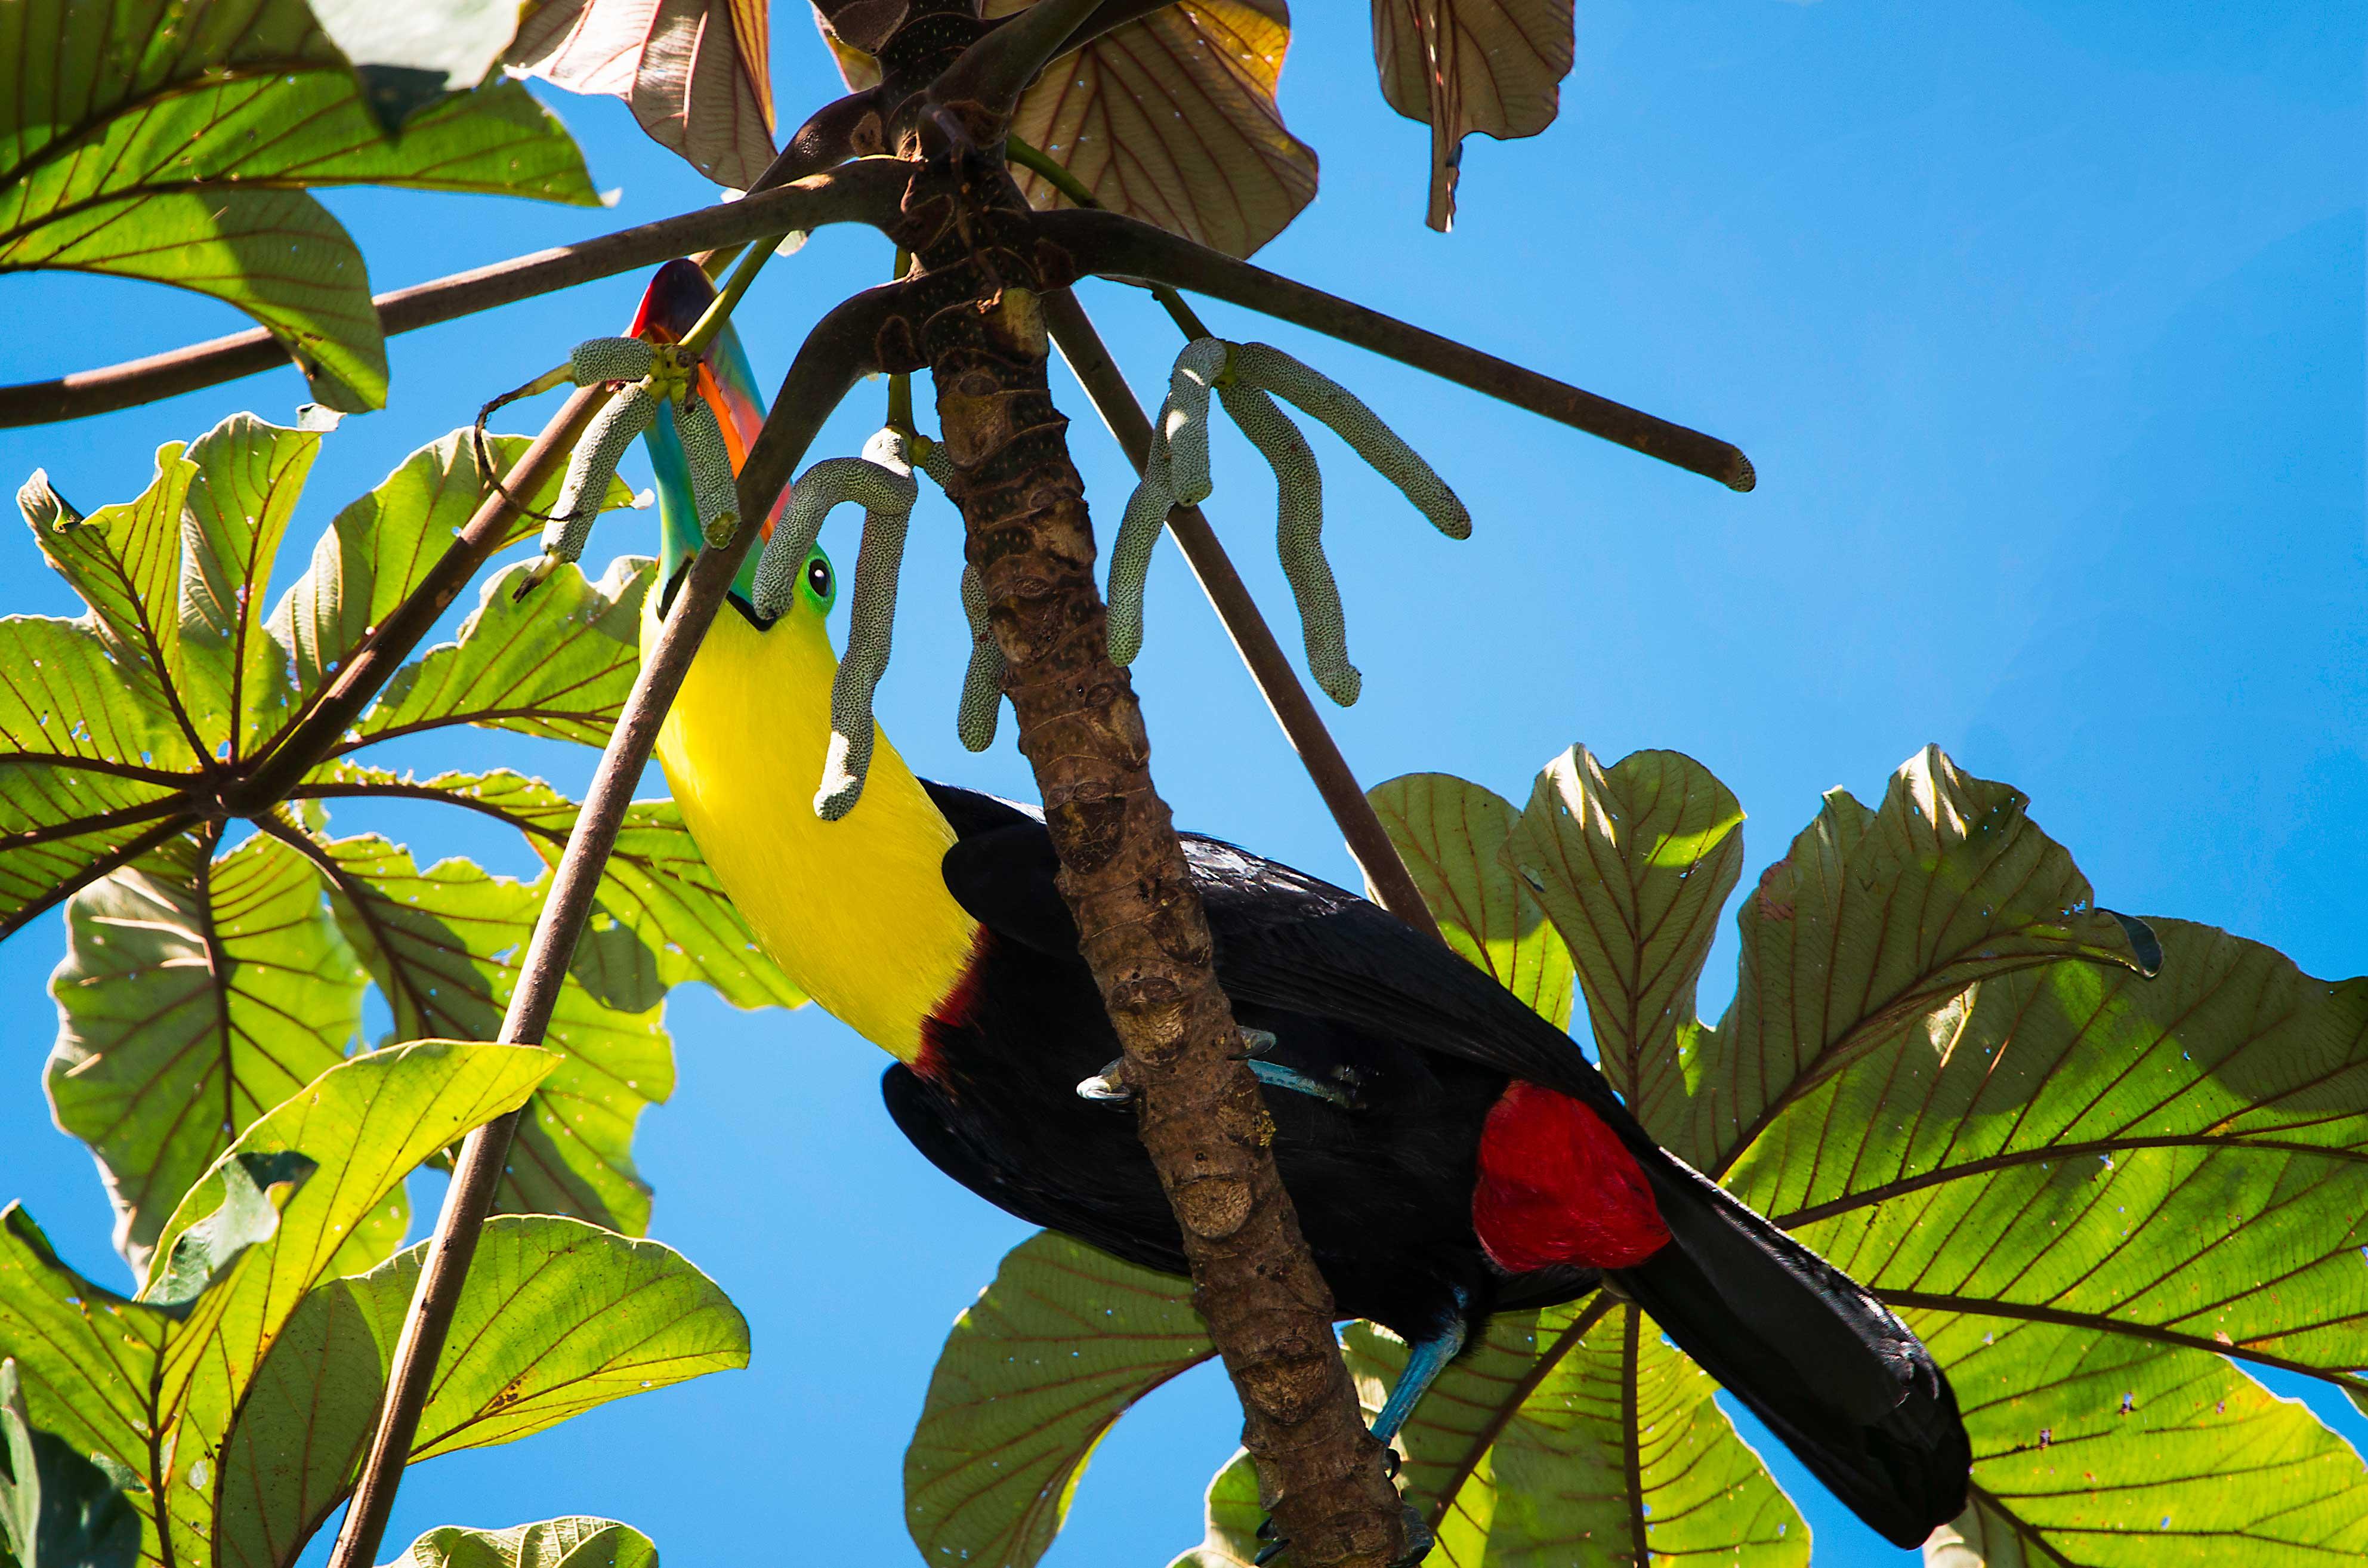 Keel Billed Toucan Feeding